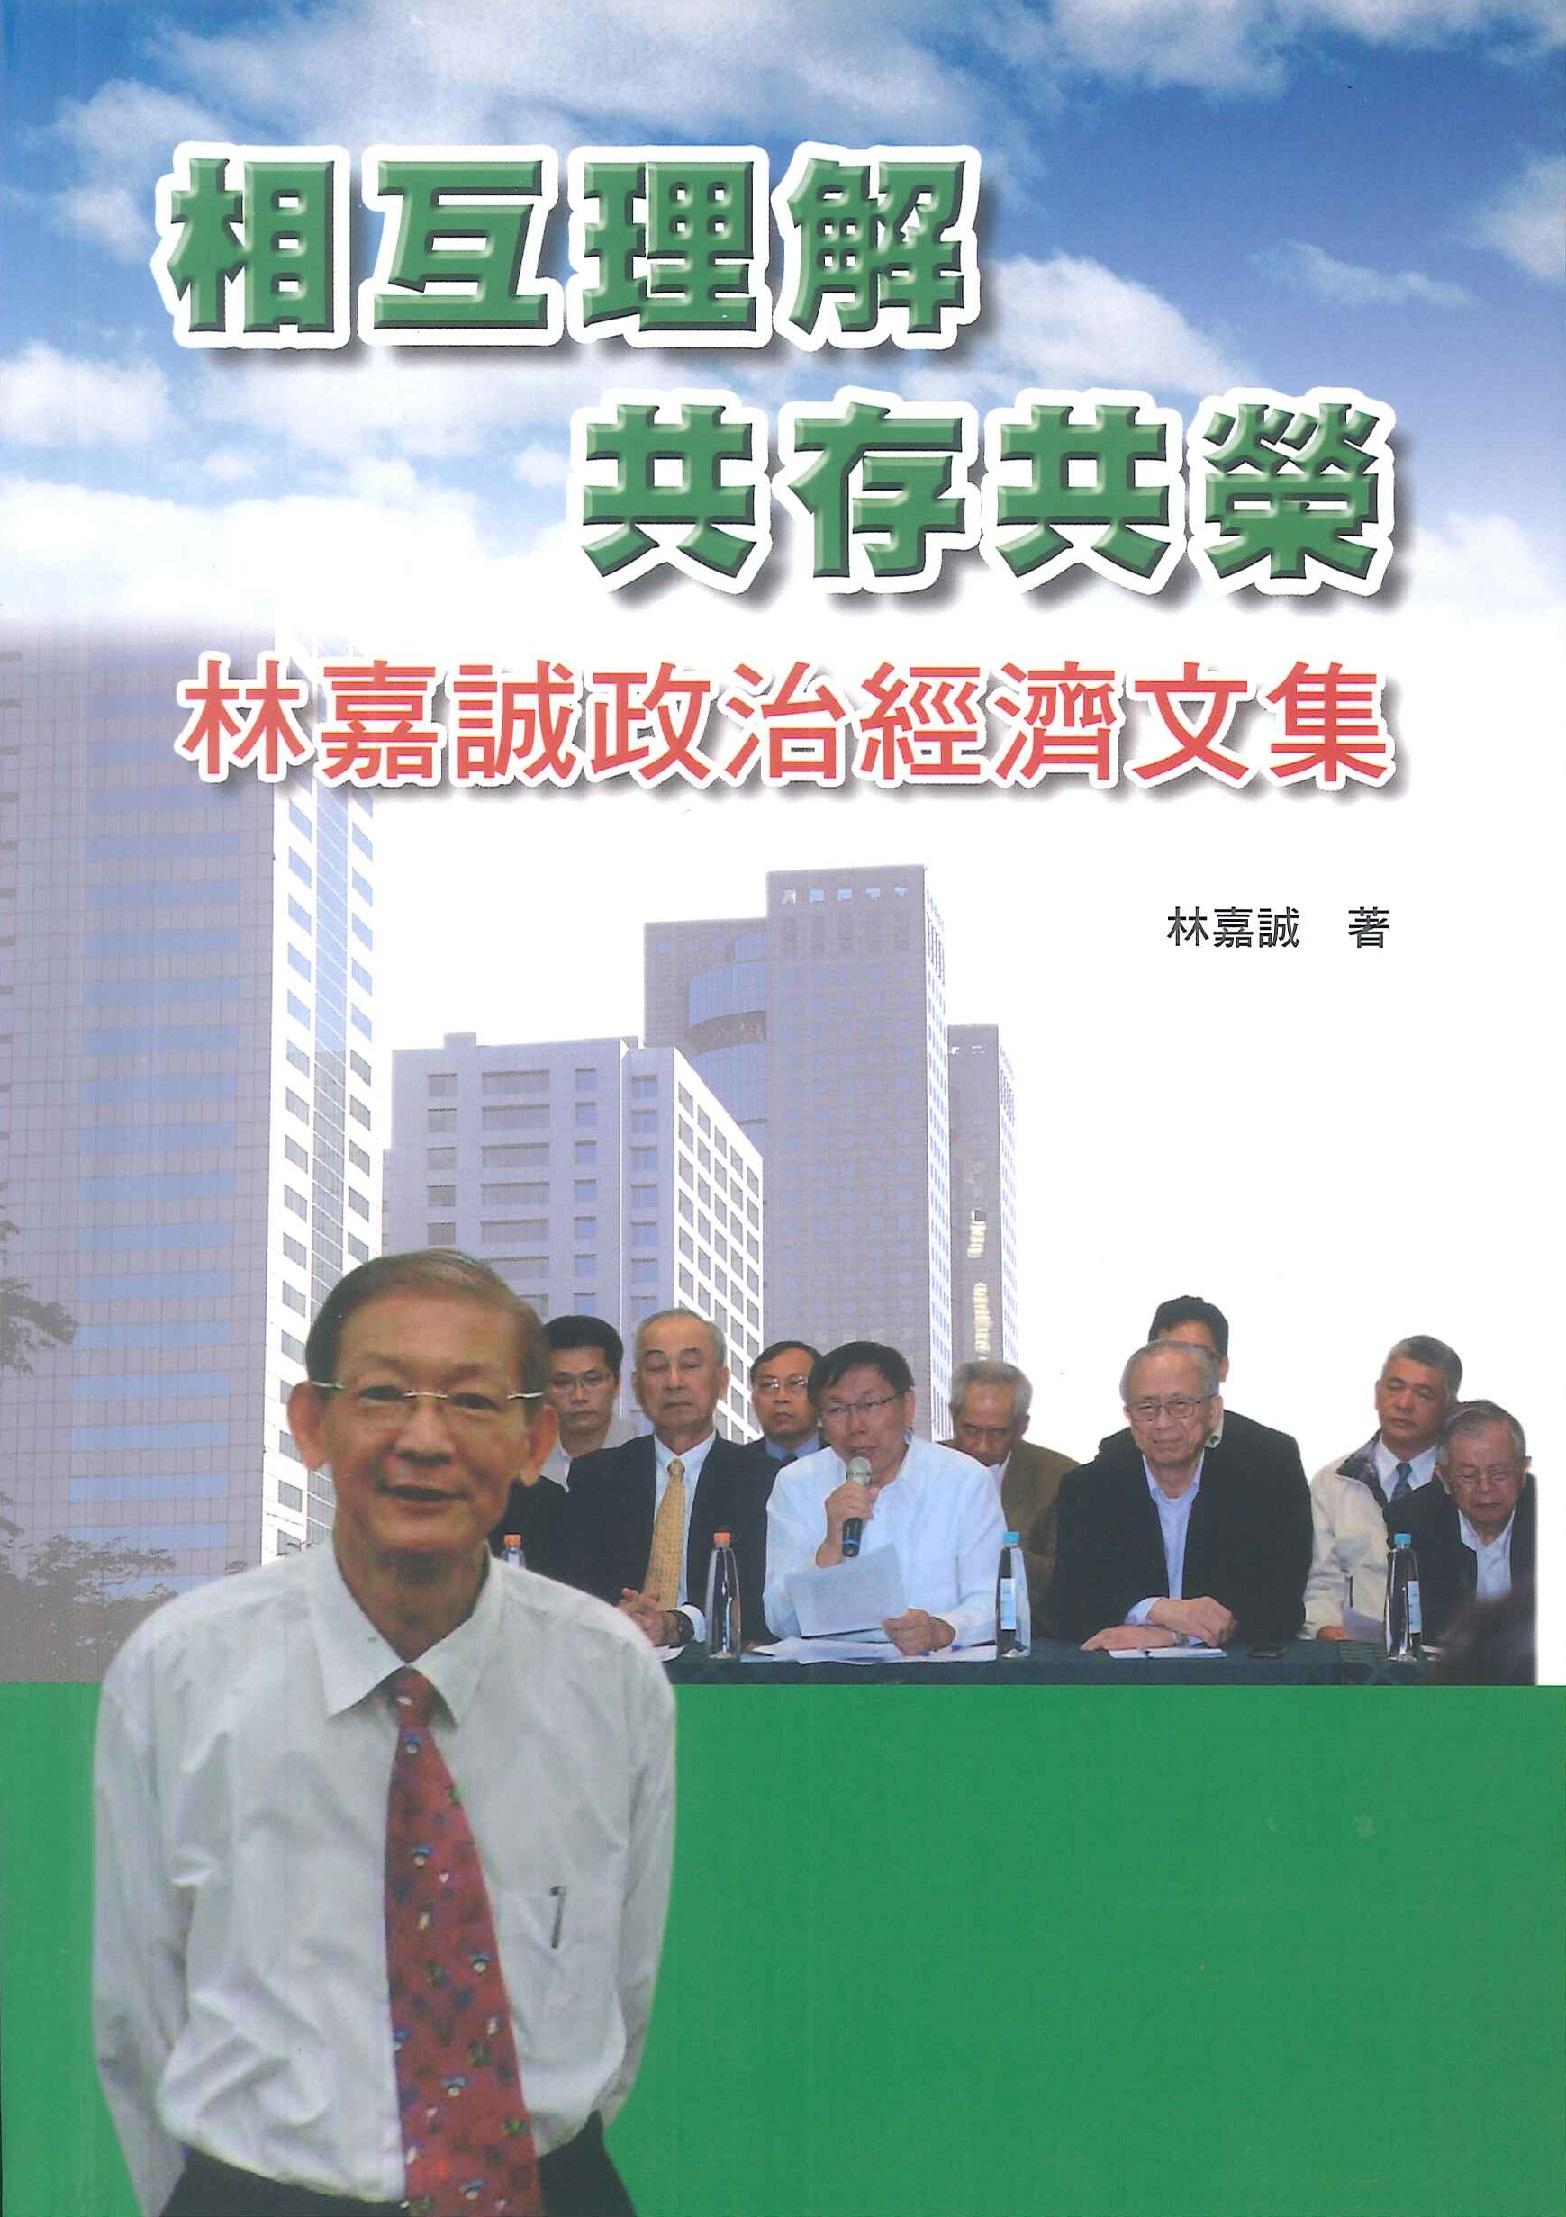 相互理解 共存共榮:林嘉誠政治經濟文集